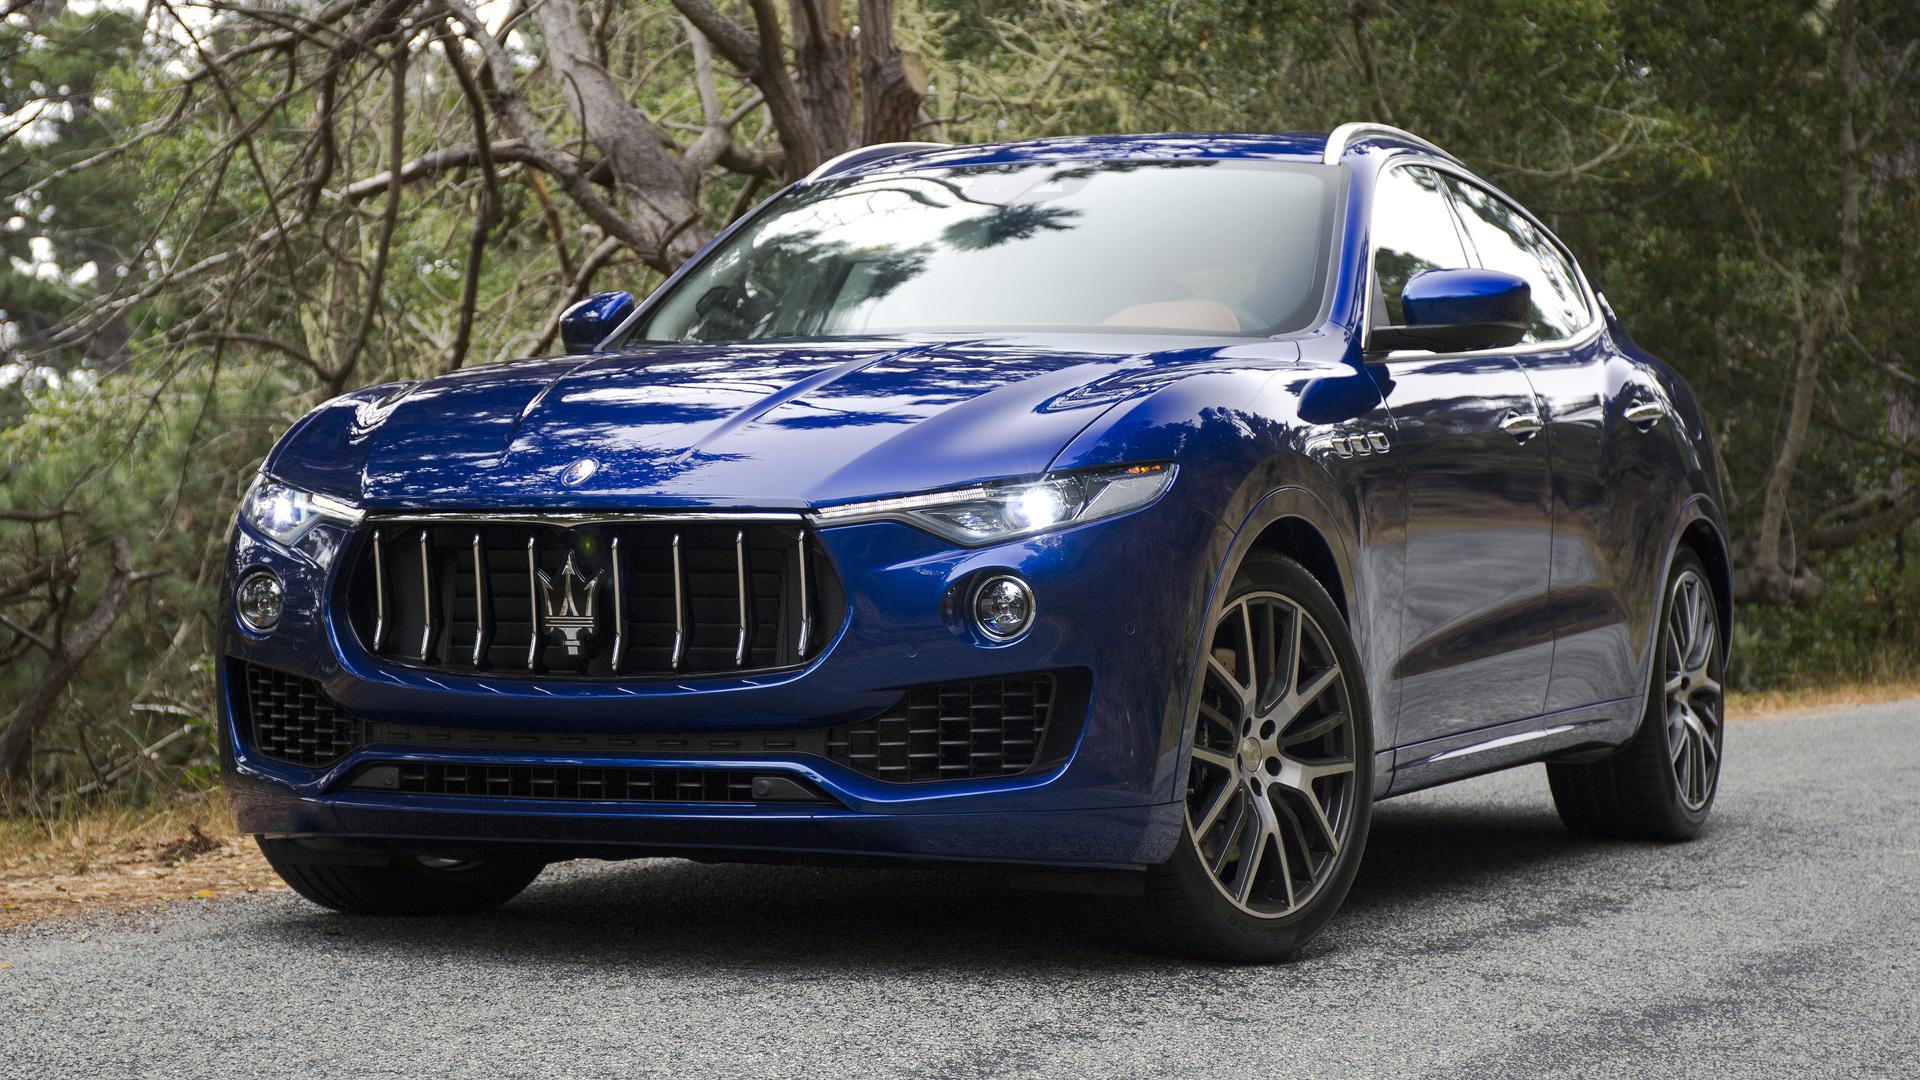 Maserati In No Rush To Launch Midsize Suv